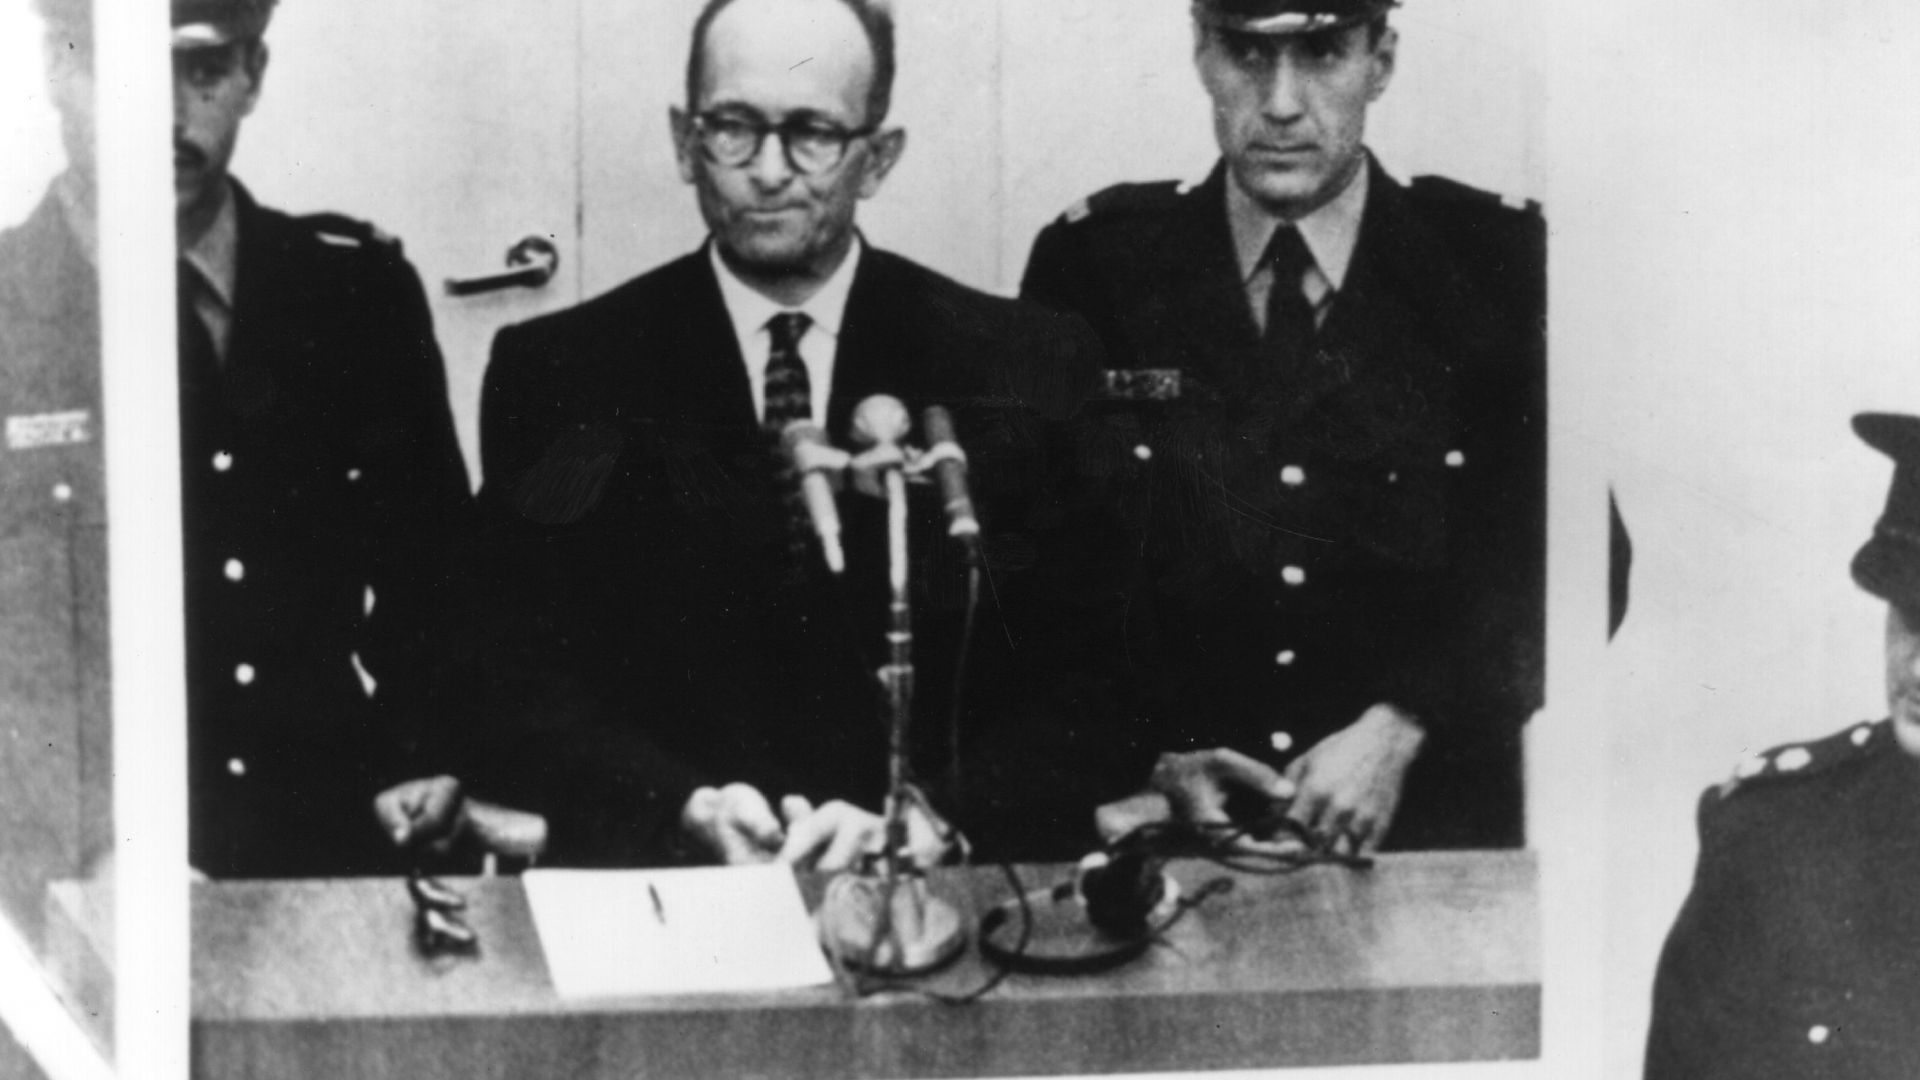 Живот след бесилото: 60 години от процеса срещу еврейския екзекутор Адолф Айхман